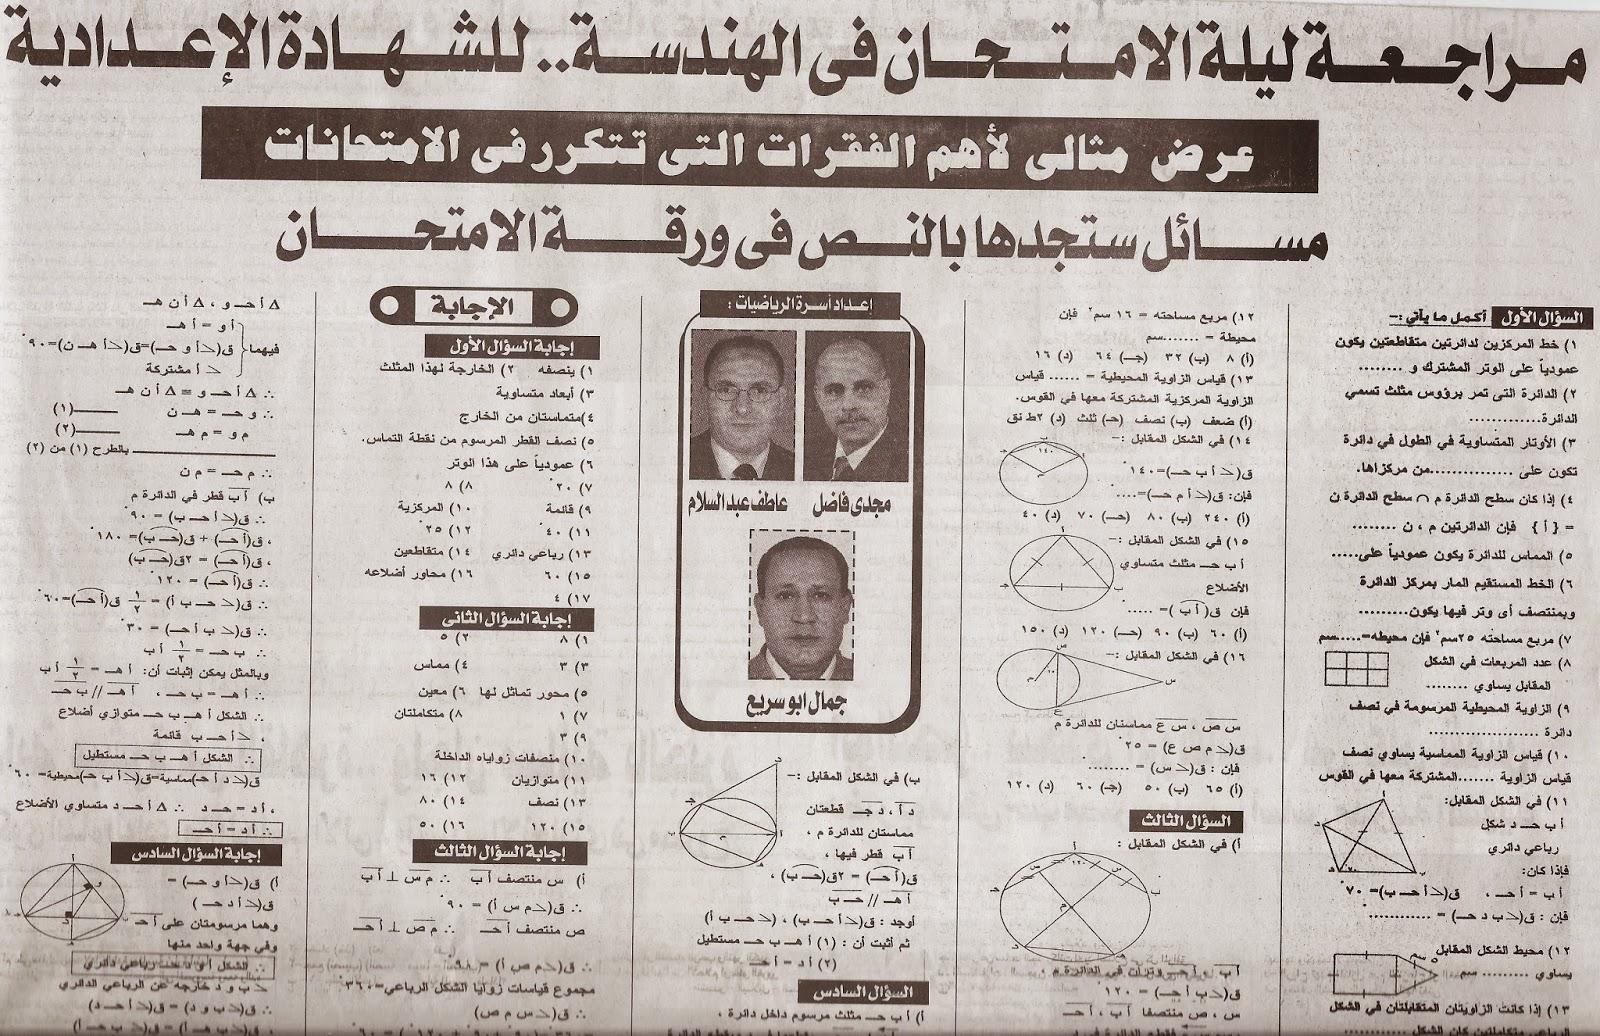 الاسئلة المتوقعة فى الهندسة واجاباتها النموذجية للشهادة الاعدادية الترم الثانى مصر scan.jpg